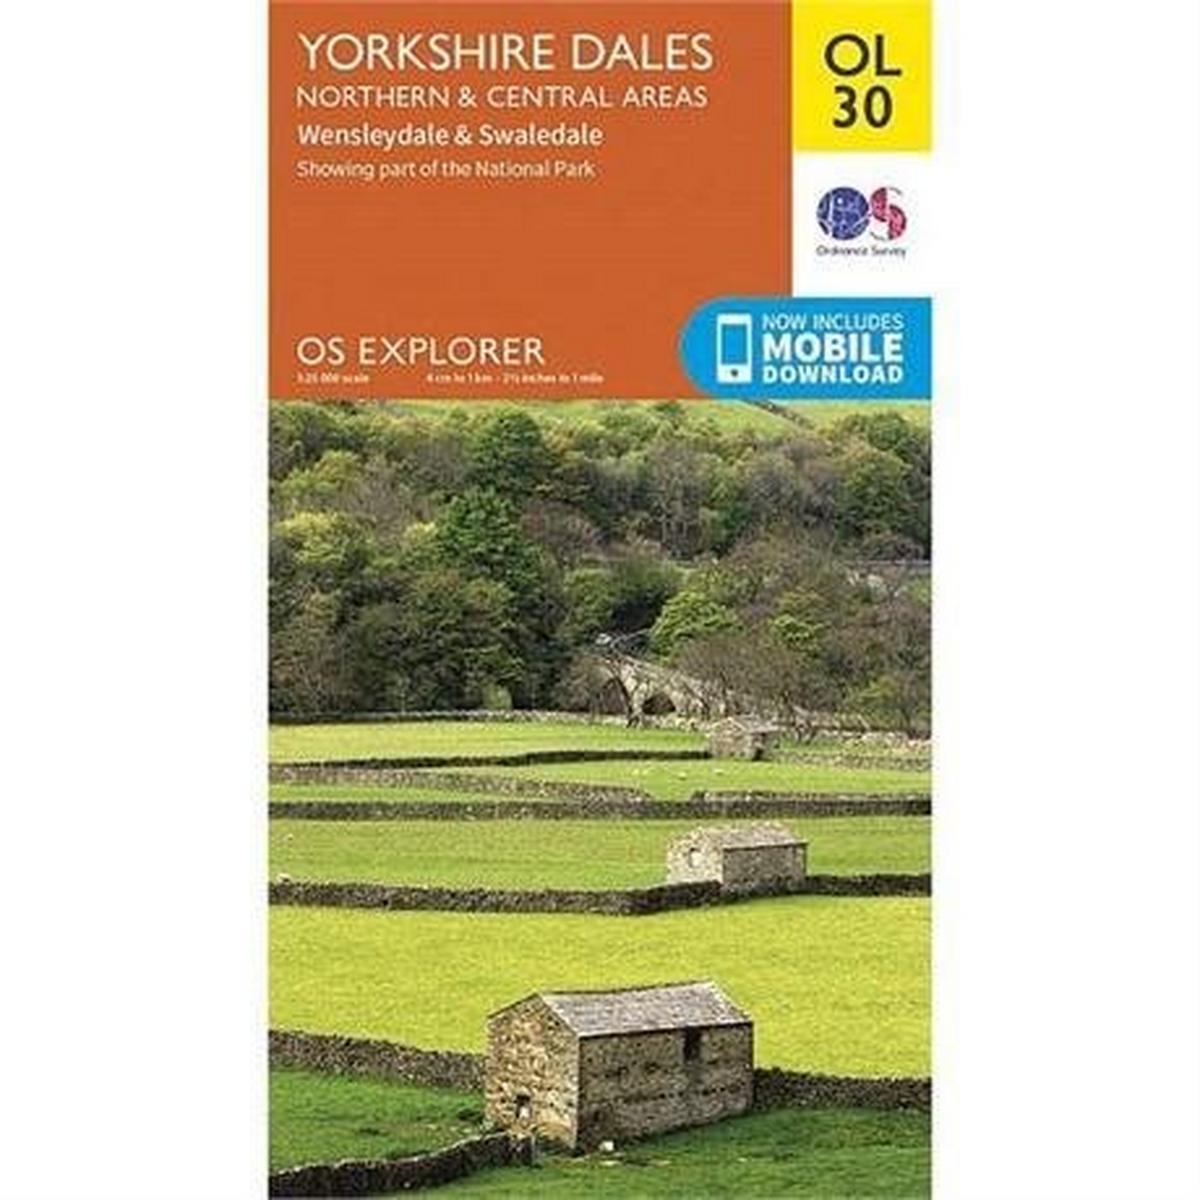 Ordnance Survey OS Explorer Map OL30 Yorkshire Dales - Northern & Central